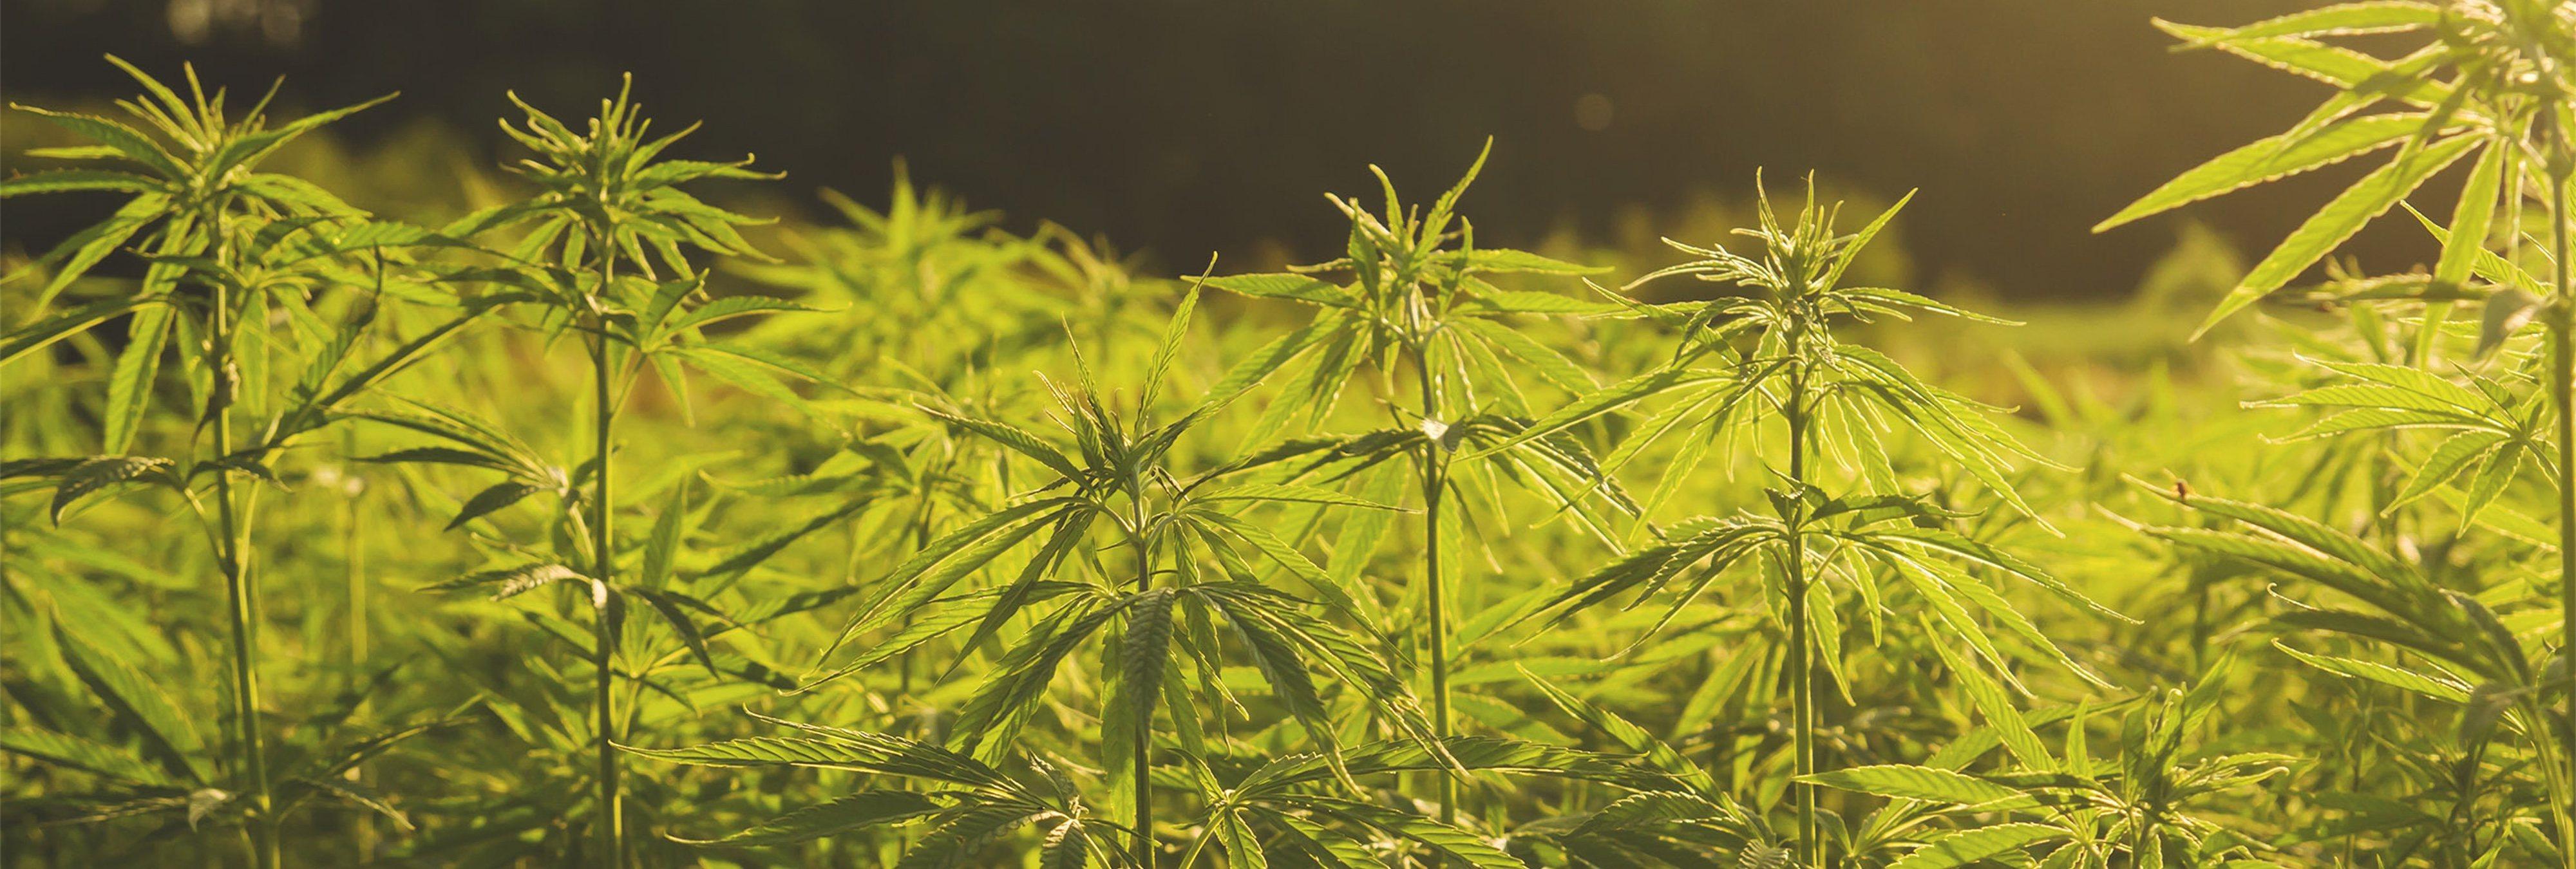 Radula: así es la planta llamada a convertirse en la marihuana del futuro